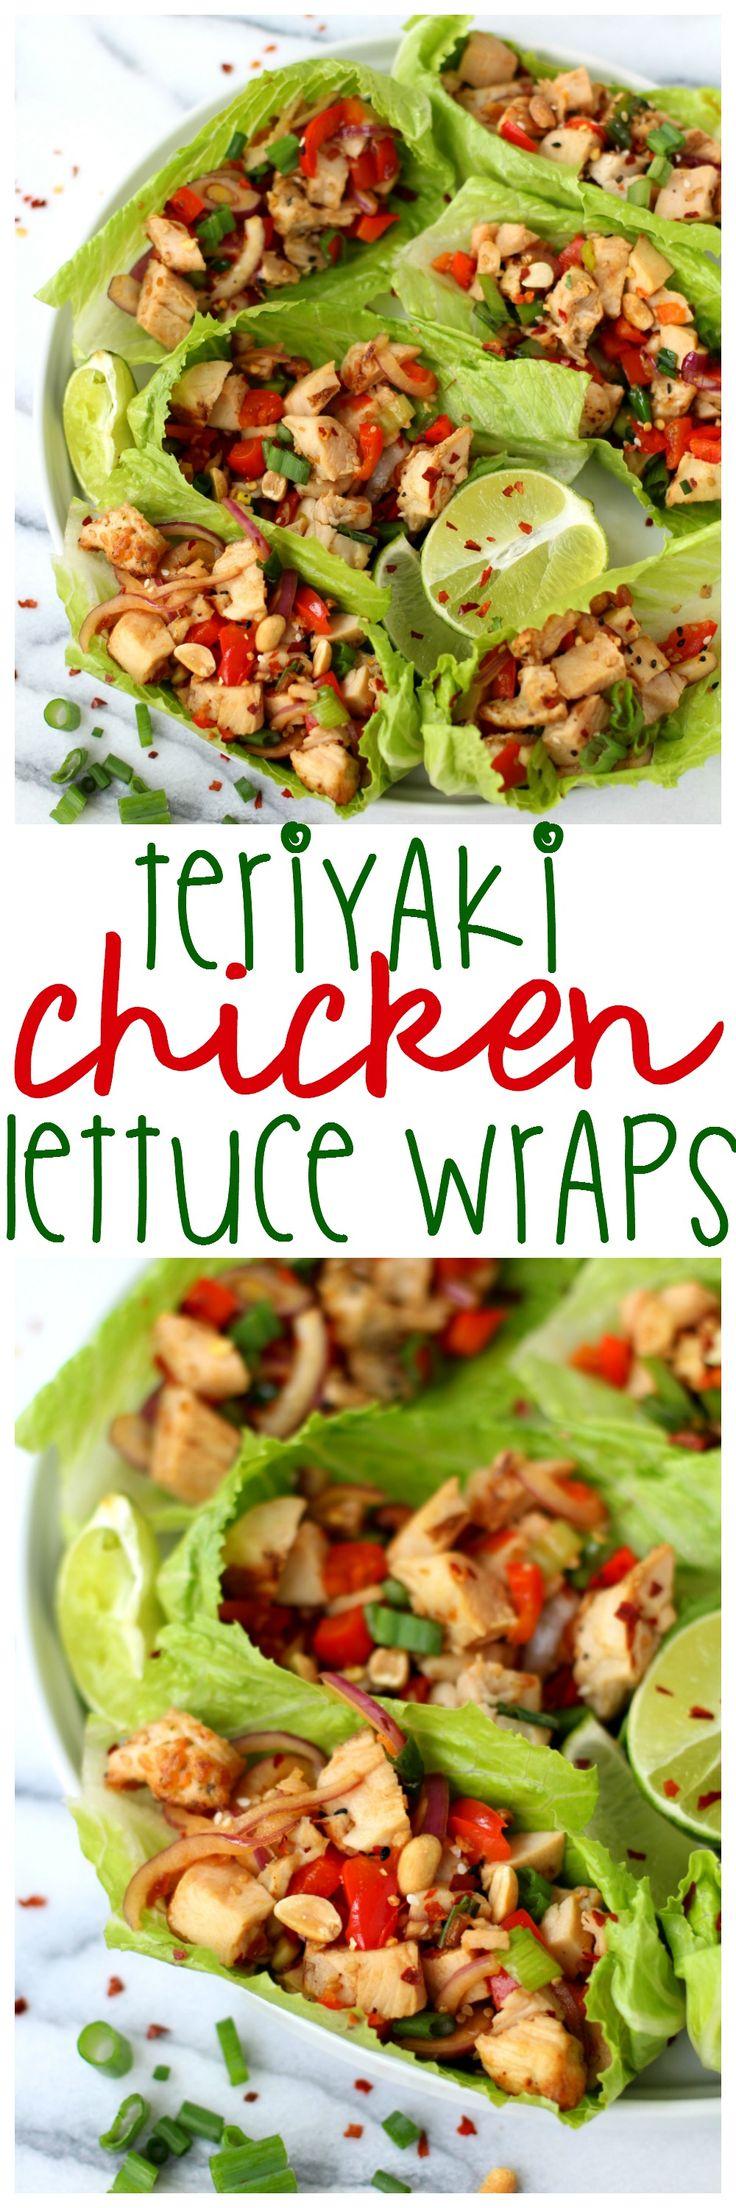 Gesundes Essen ist so einfach mit diesen kalorienarmen, kohlenhydratarmen, köstlichen Teriyaki C …   – Light & Healthy Eats